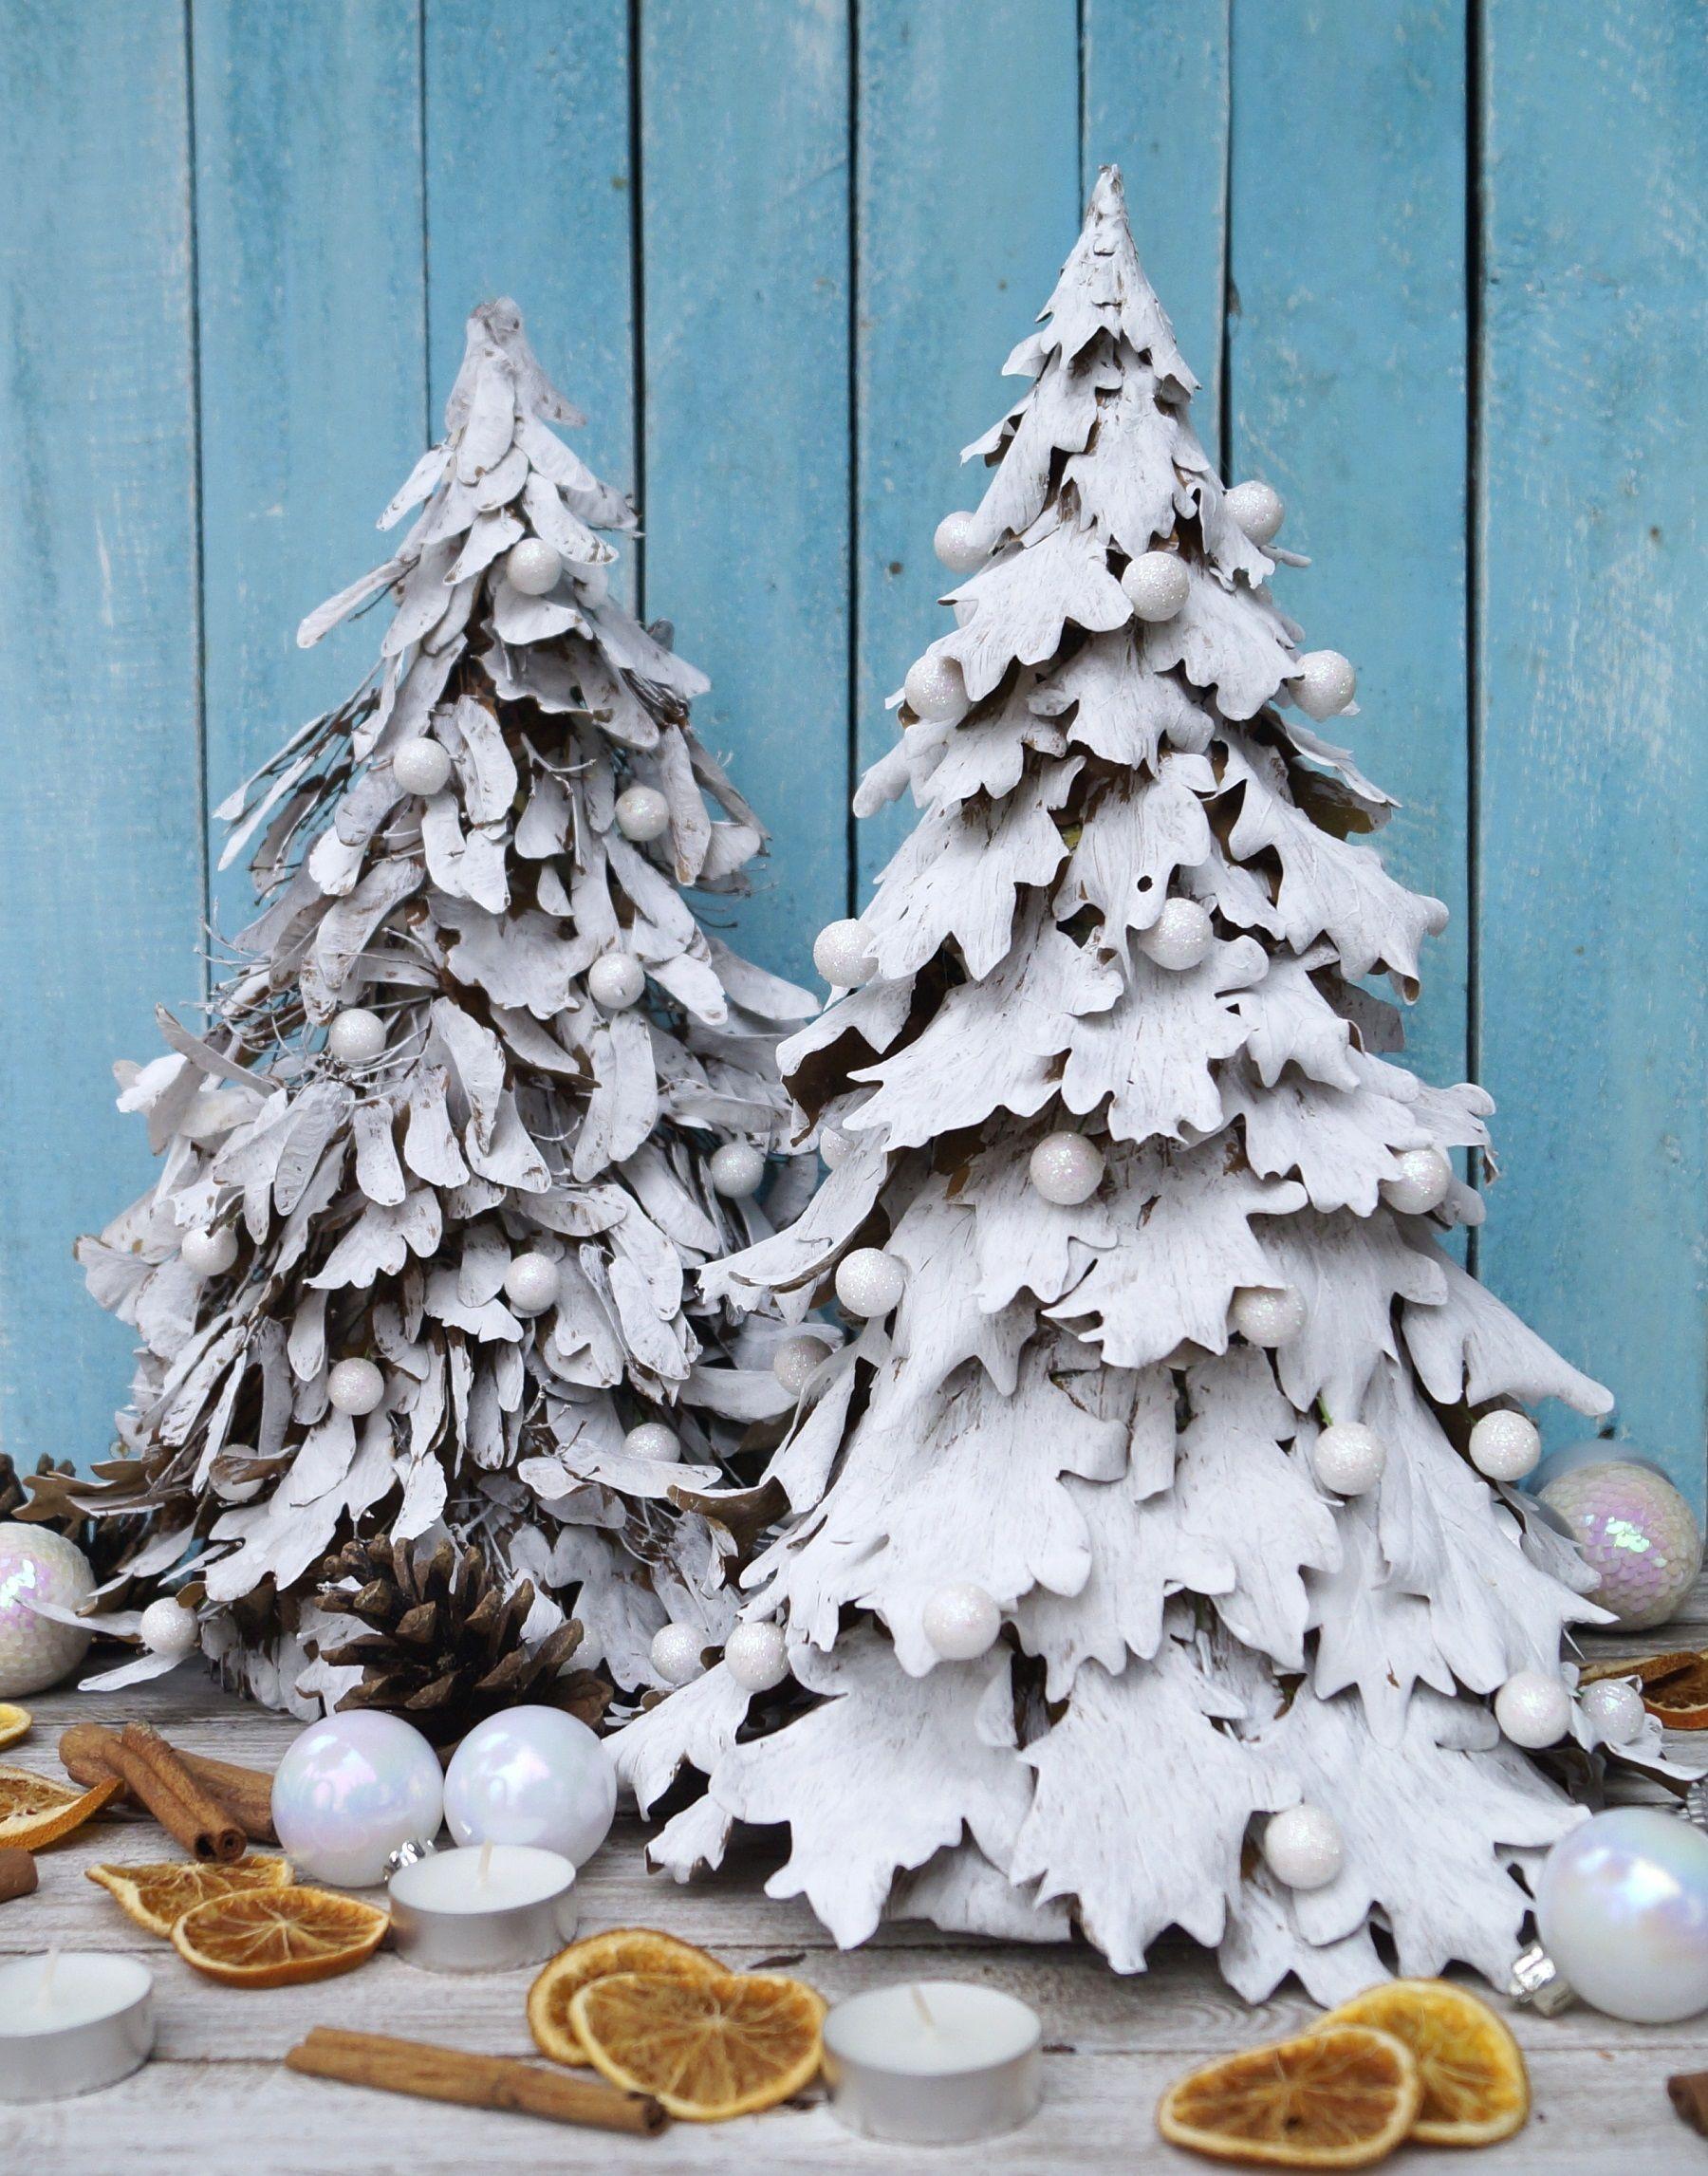 Pin On Christmas Decor Weihnachtsdeko Rozhdestvo Dekor